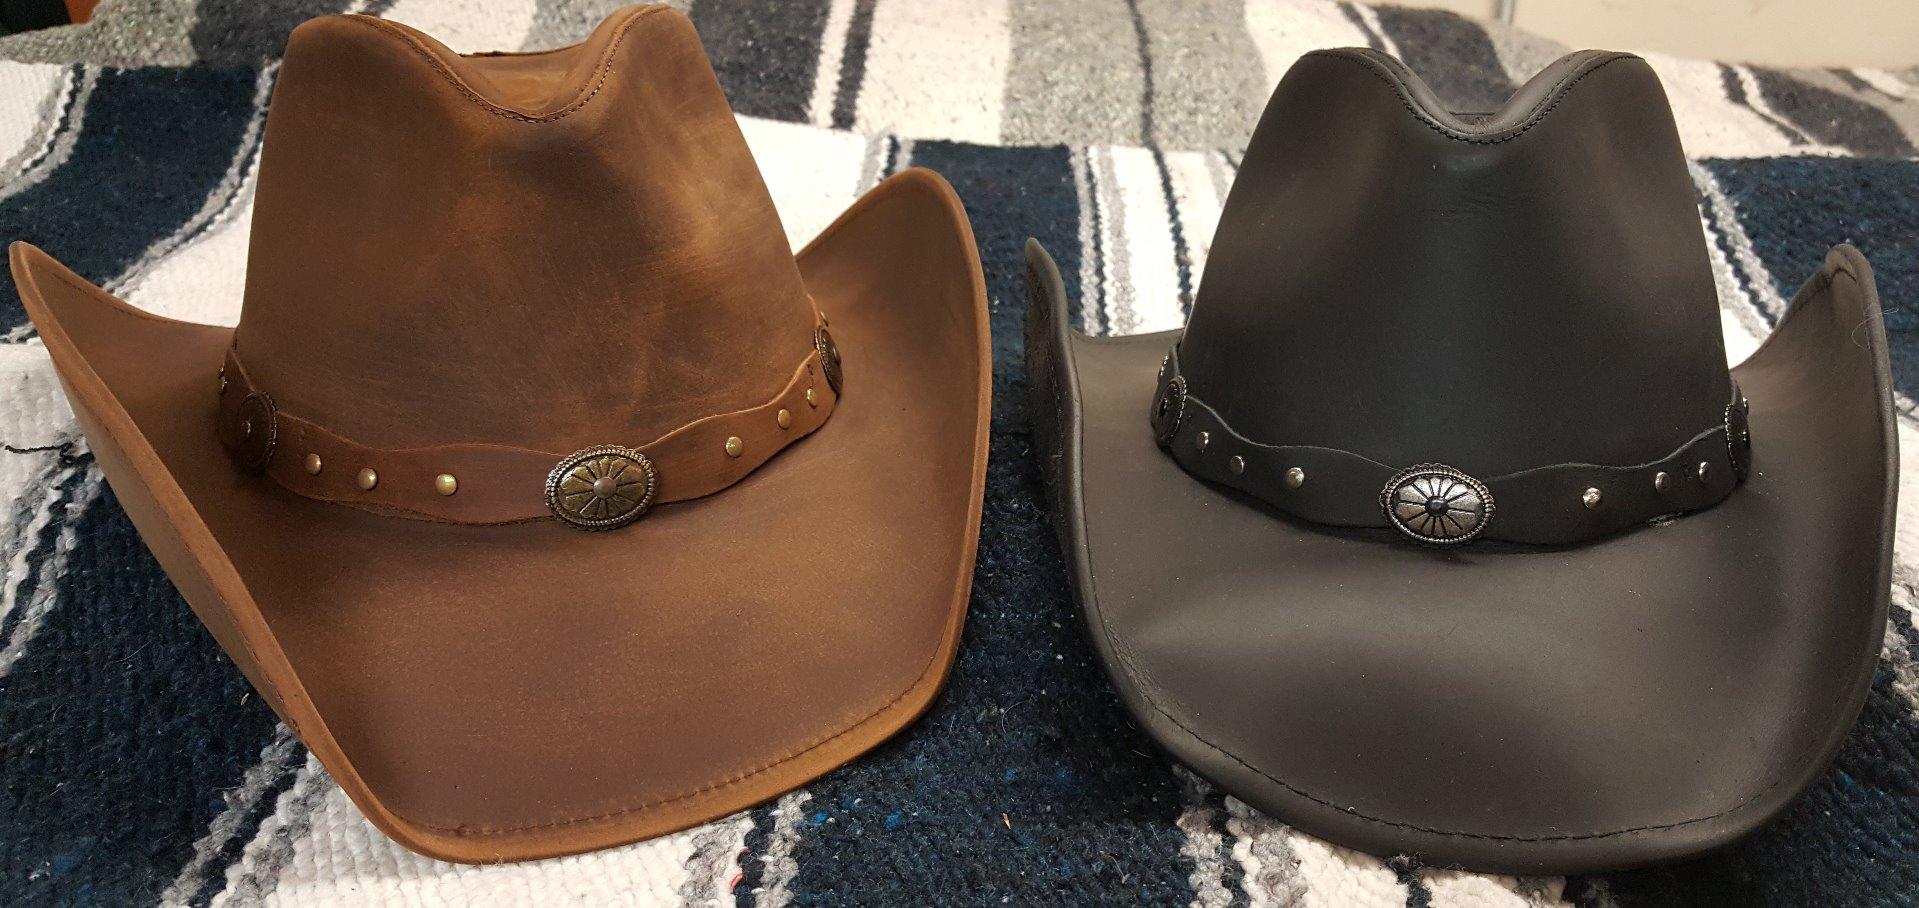 TRROXB Roxby Leather Hat-0